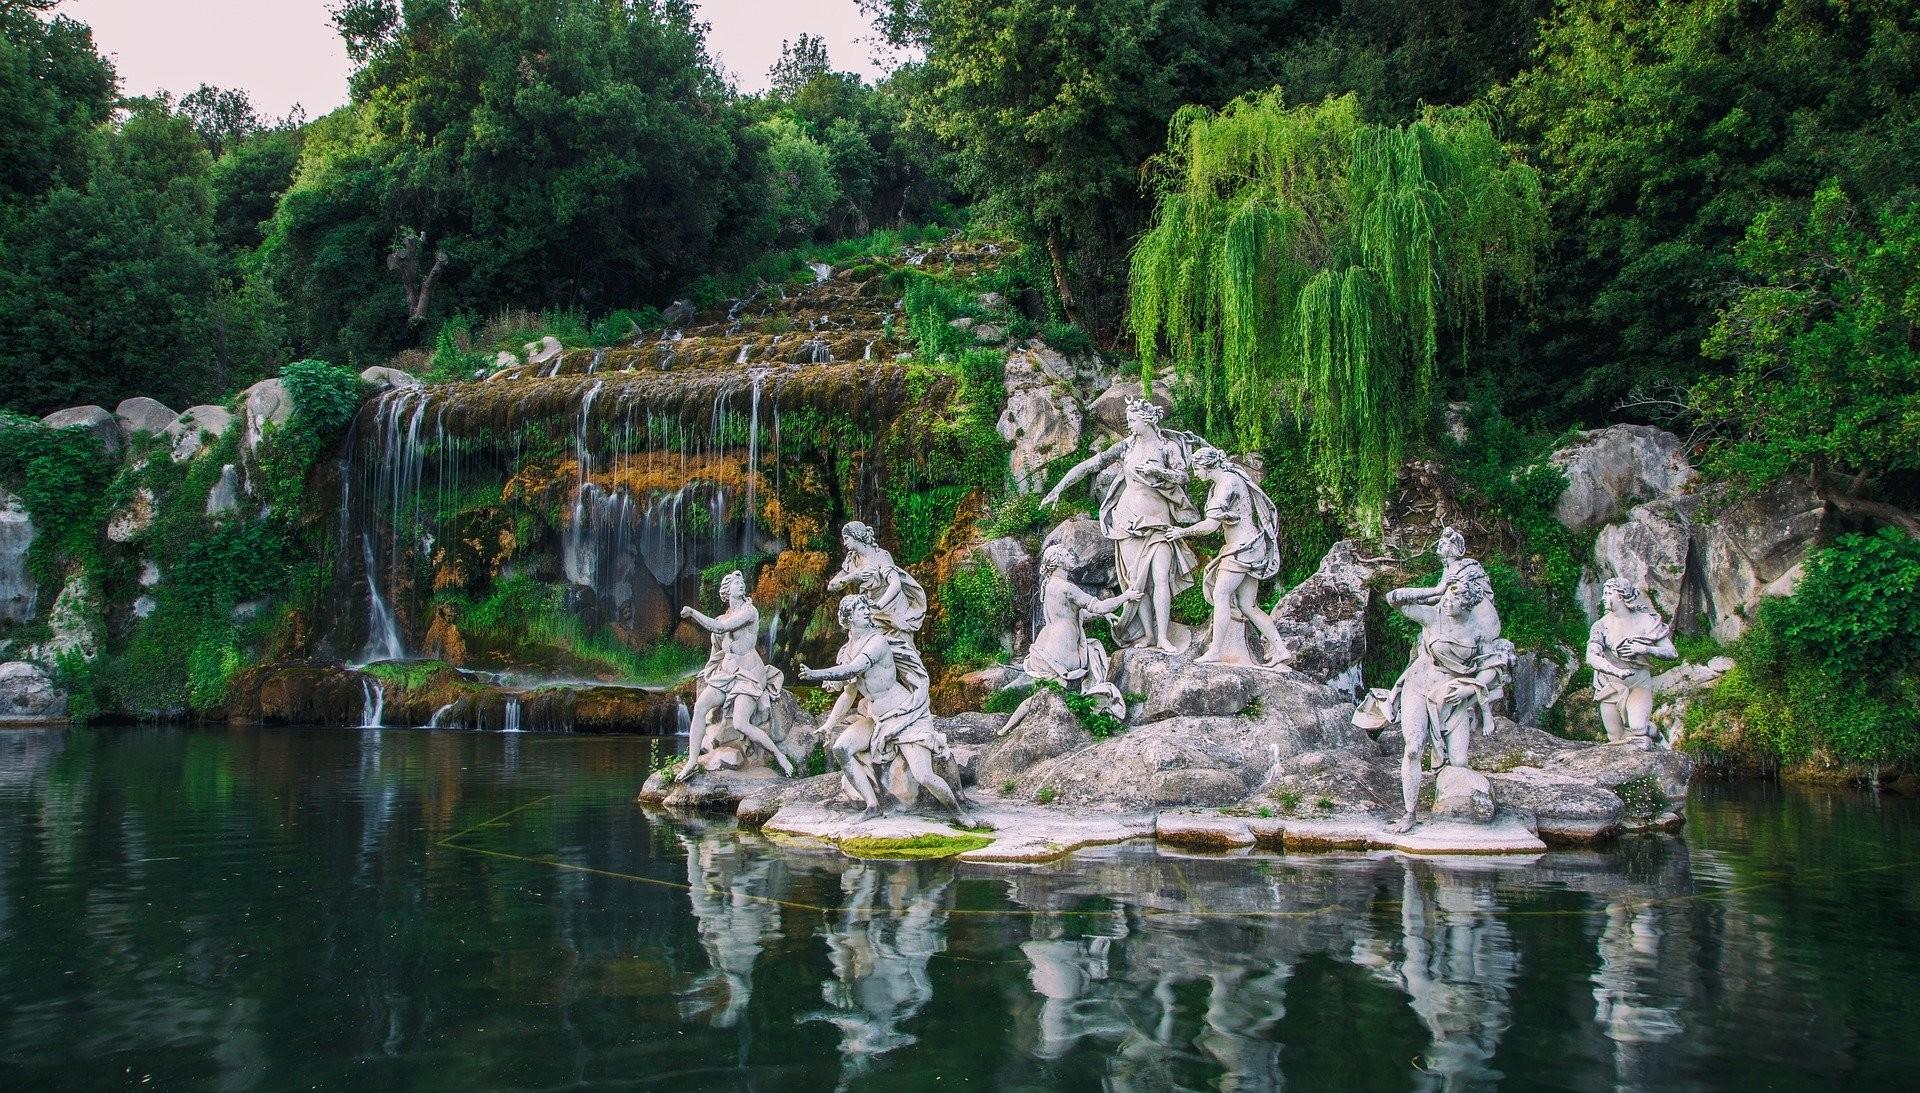 Bosco della Reggia di Caserta e annessa fontana - Foto di Rosario Esposito